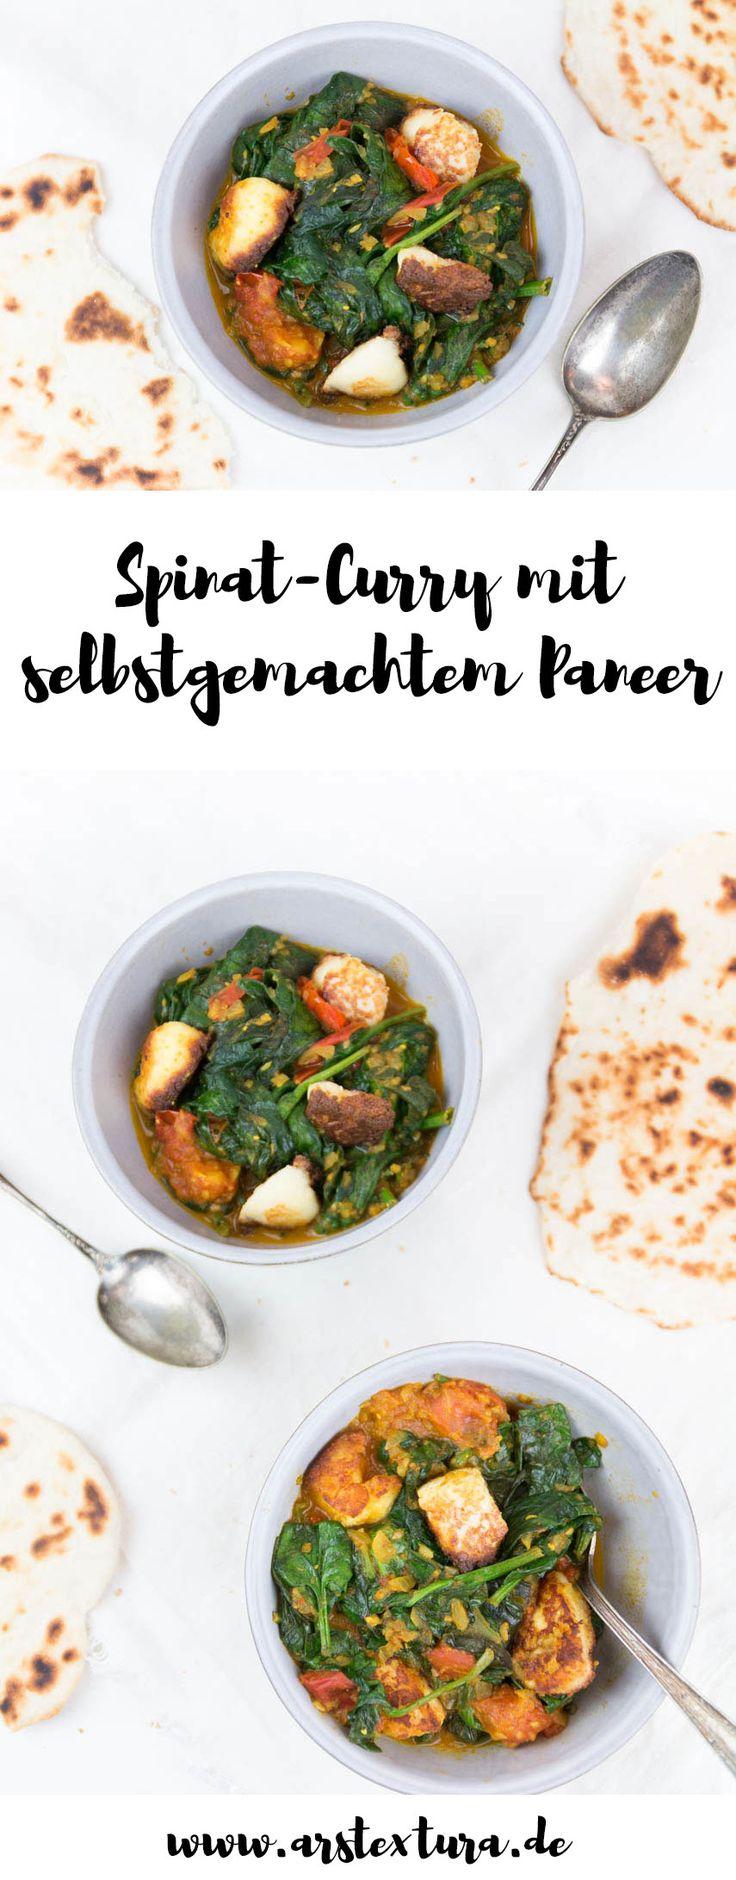 Spinat Curry mit selbstgemachtem Paneer - vegetarisches Gericht